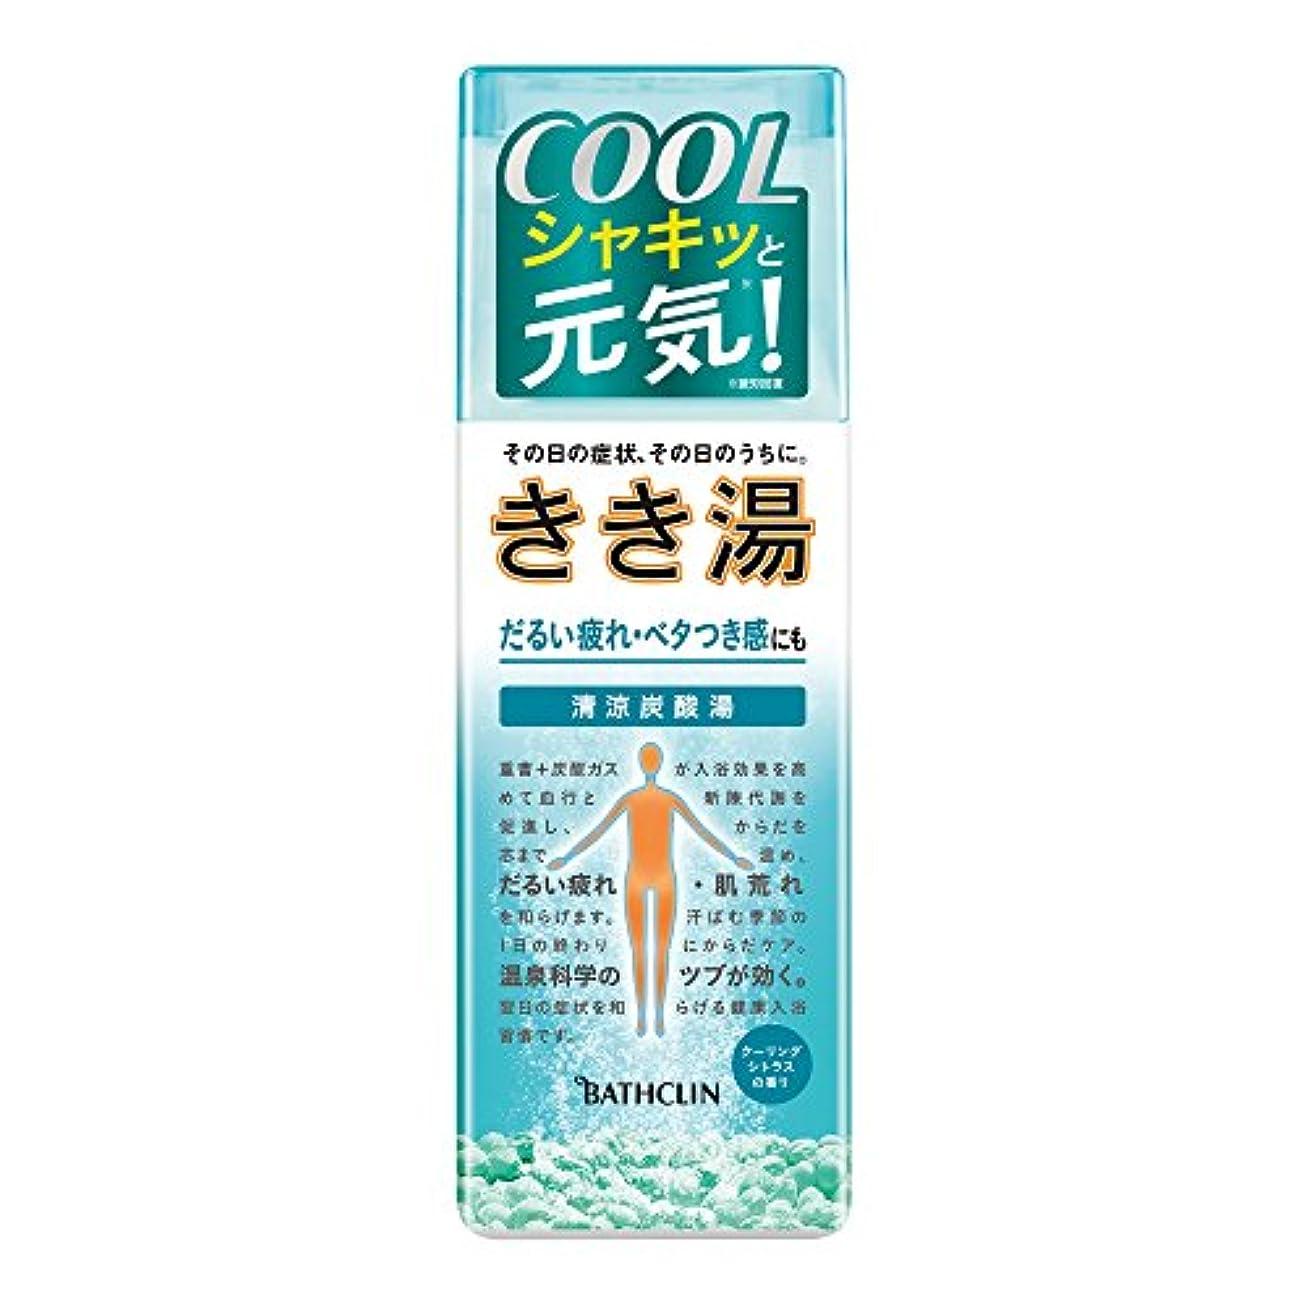 ハミングバードどちらも苦味【医薬部外品】きき湯清涼炭酸湯クーリングシトラスの香り360gスカイブルーの湯透明タイプ入浴剤